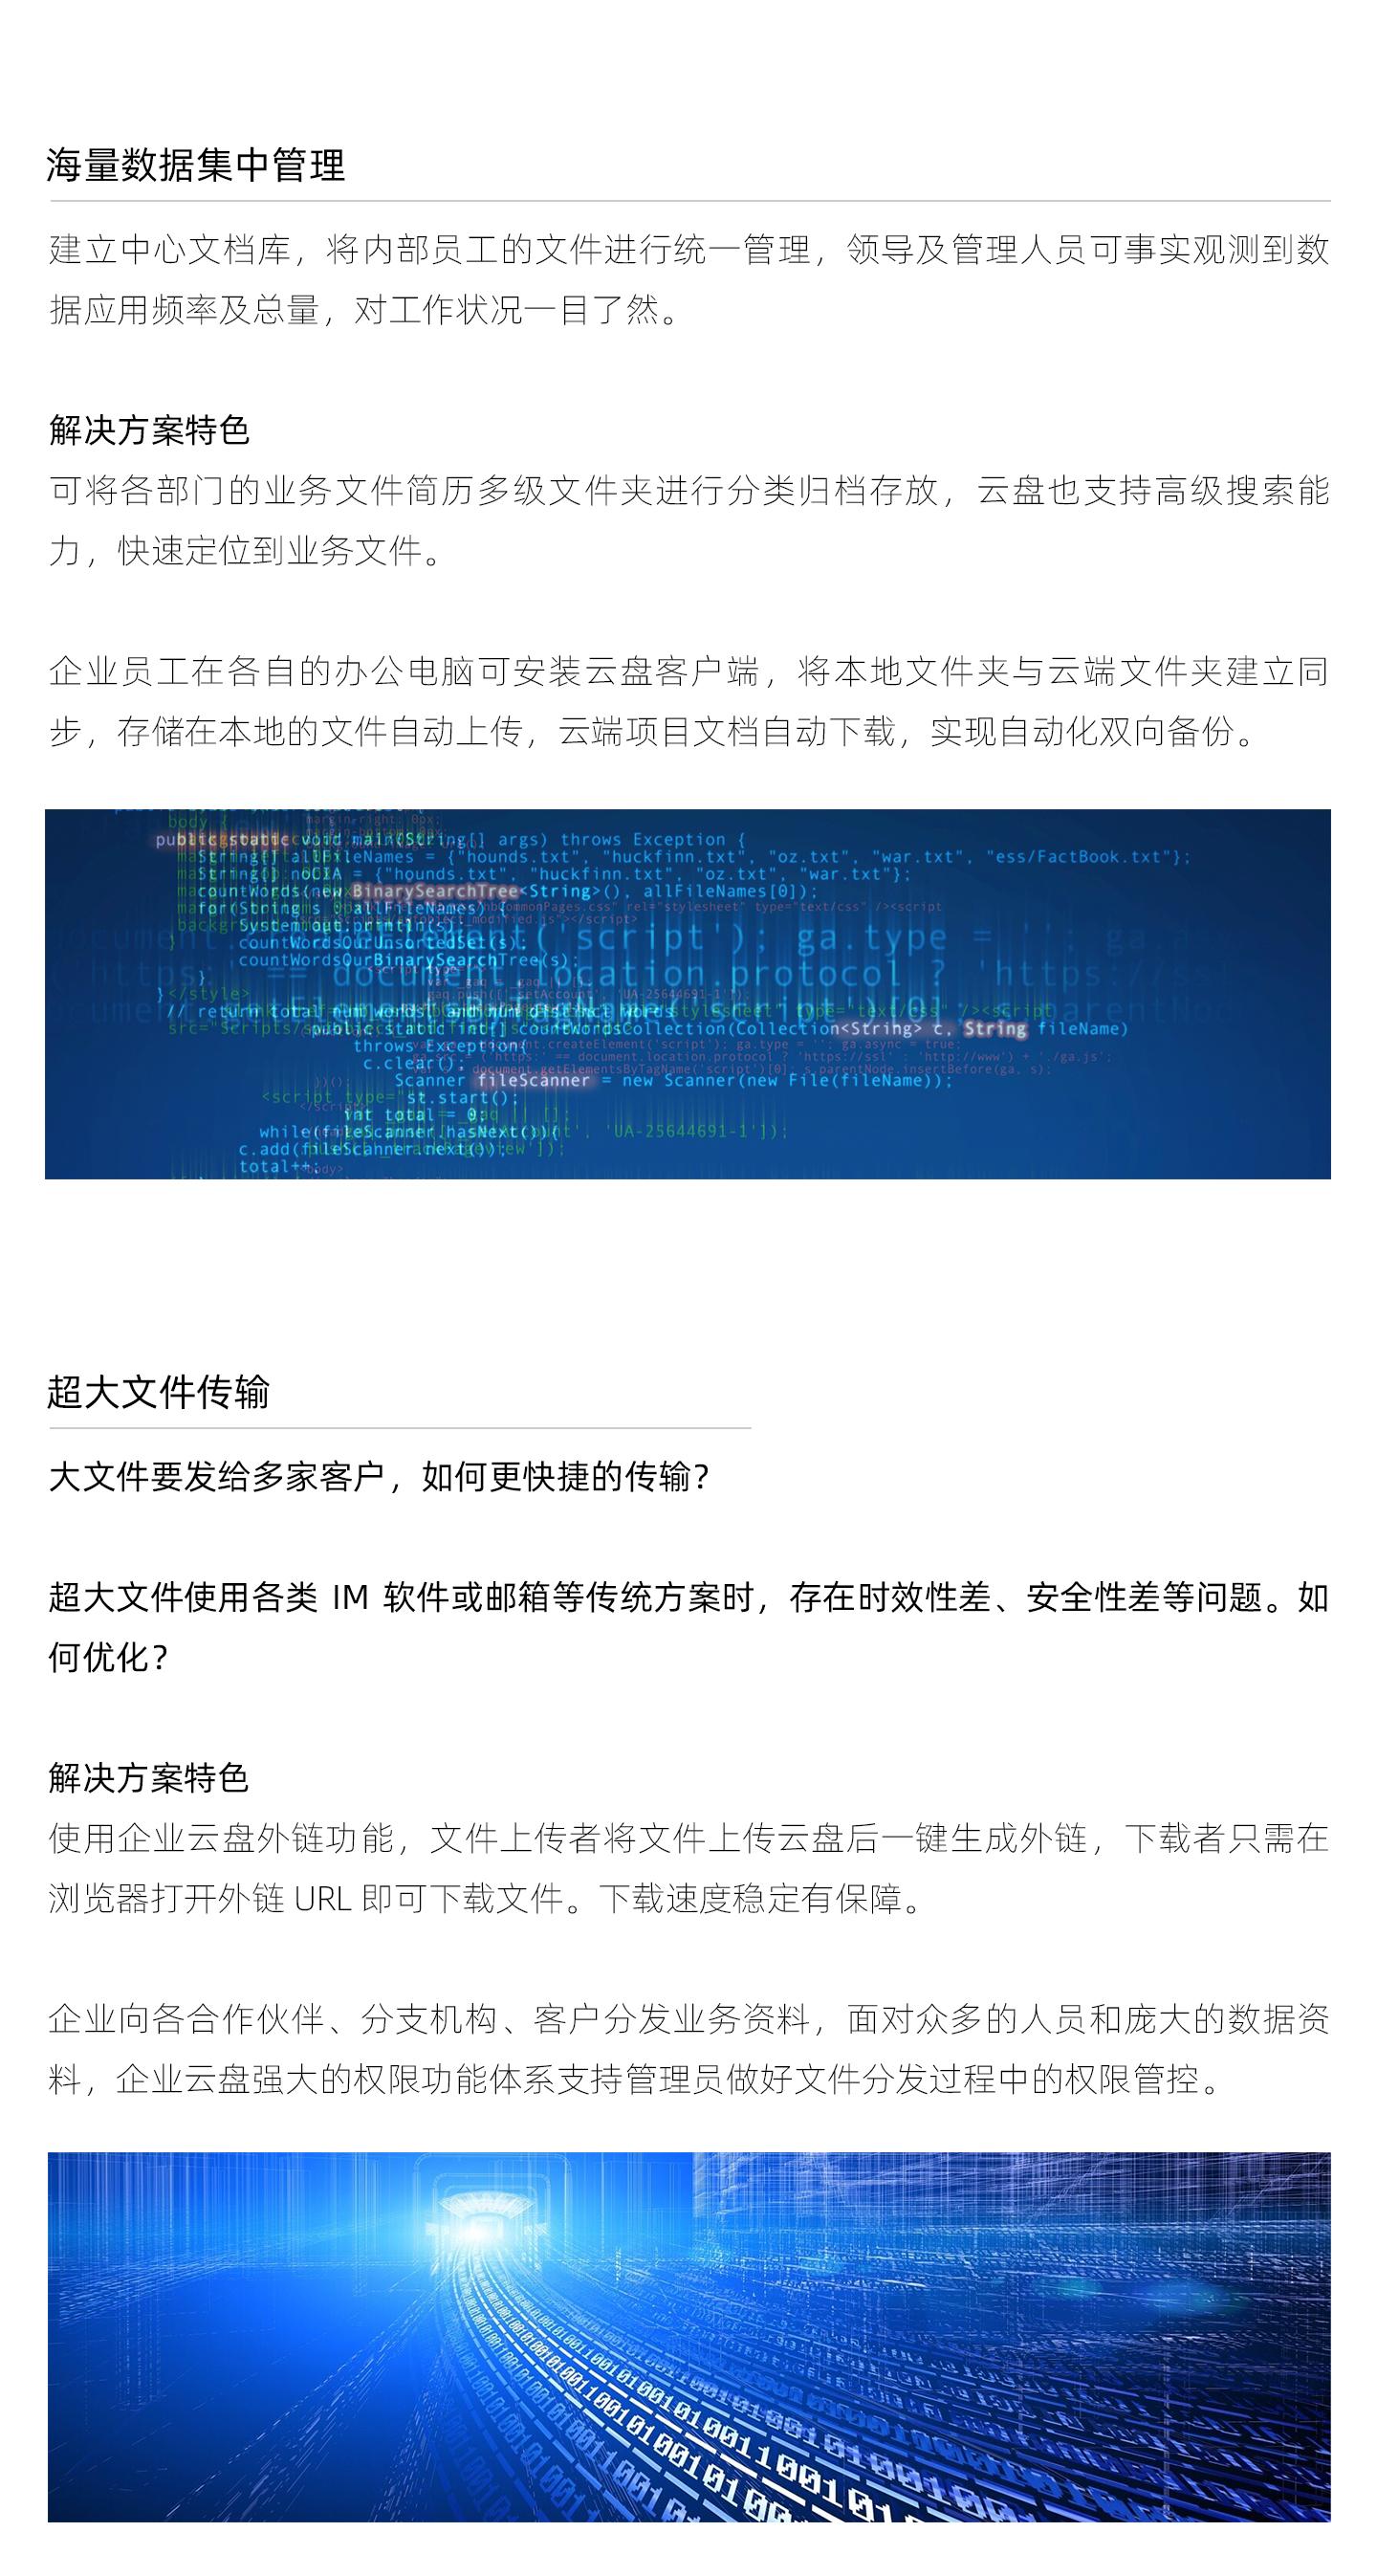 企业云盘解决方案-1440_05.jpg